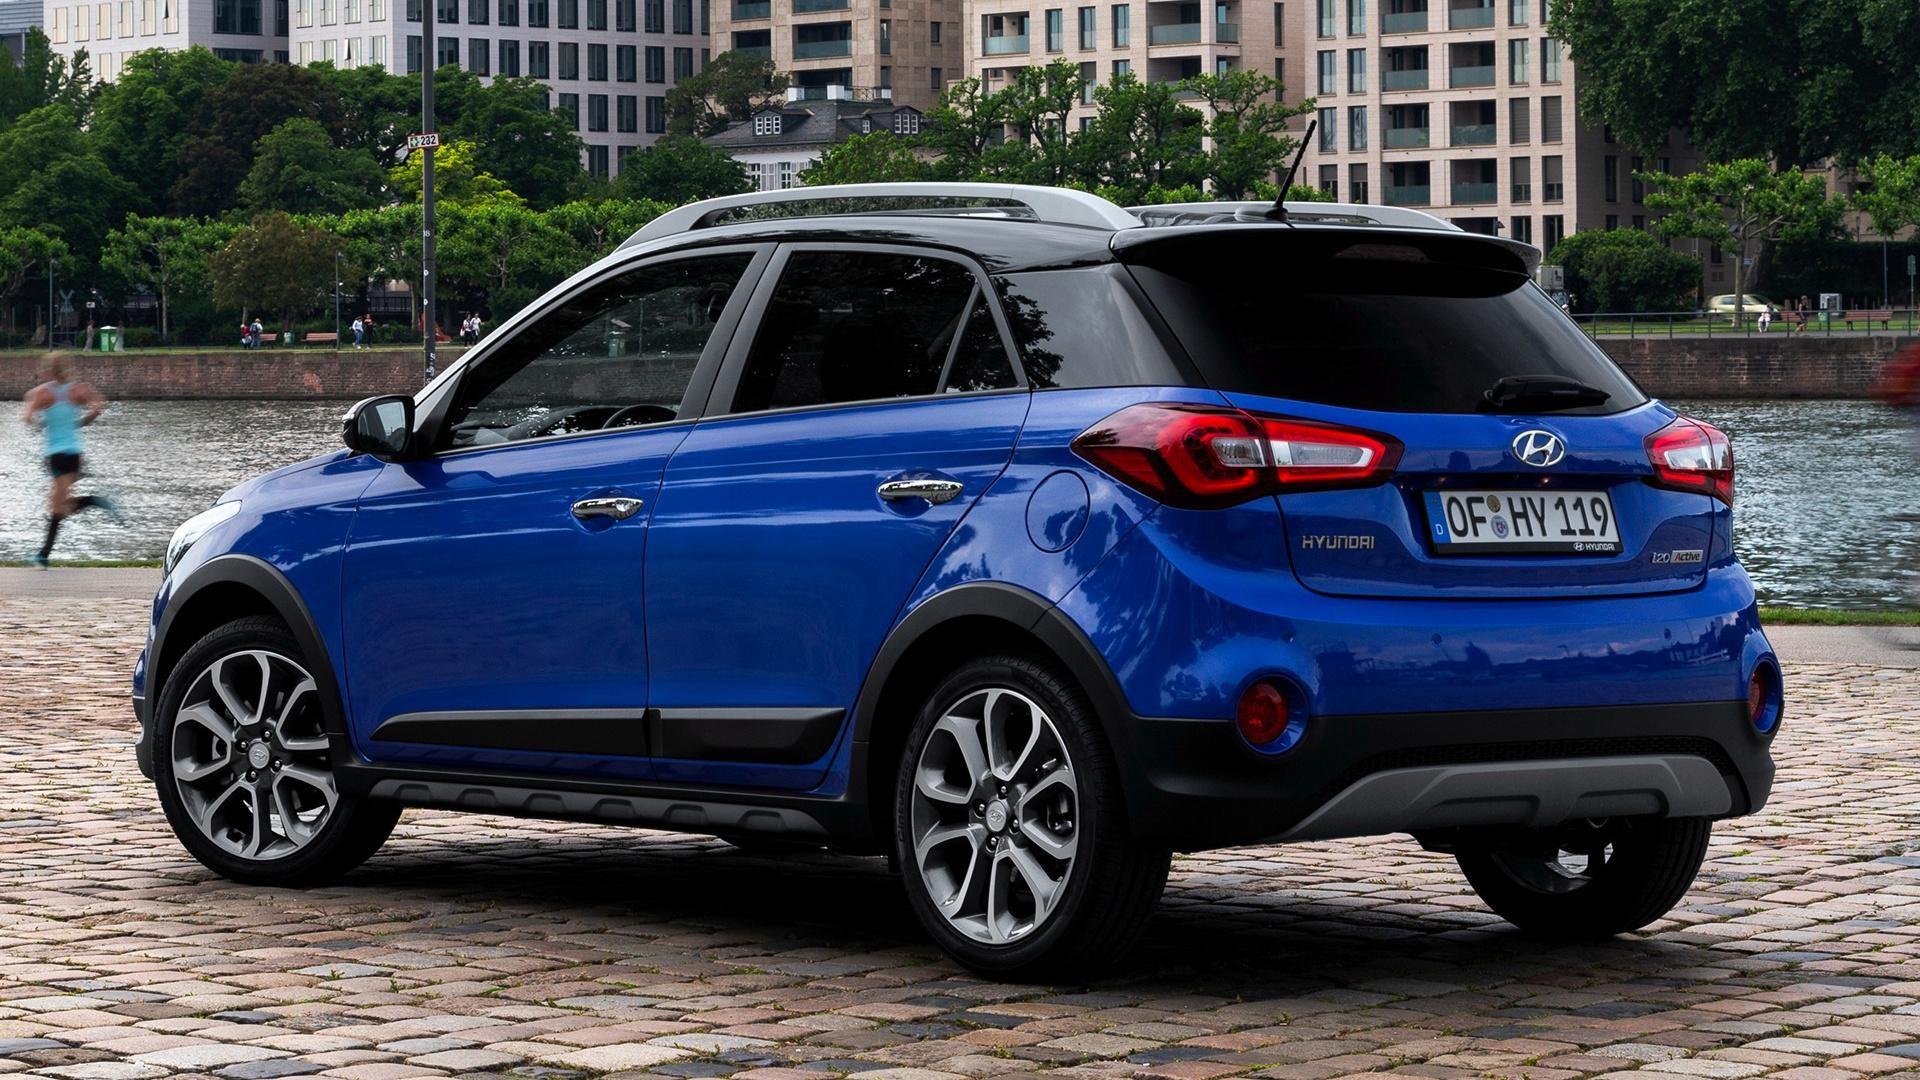 Hyundai i20 images